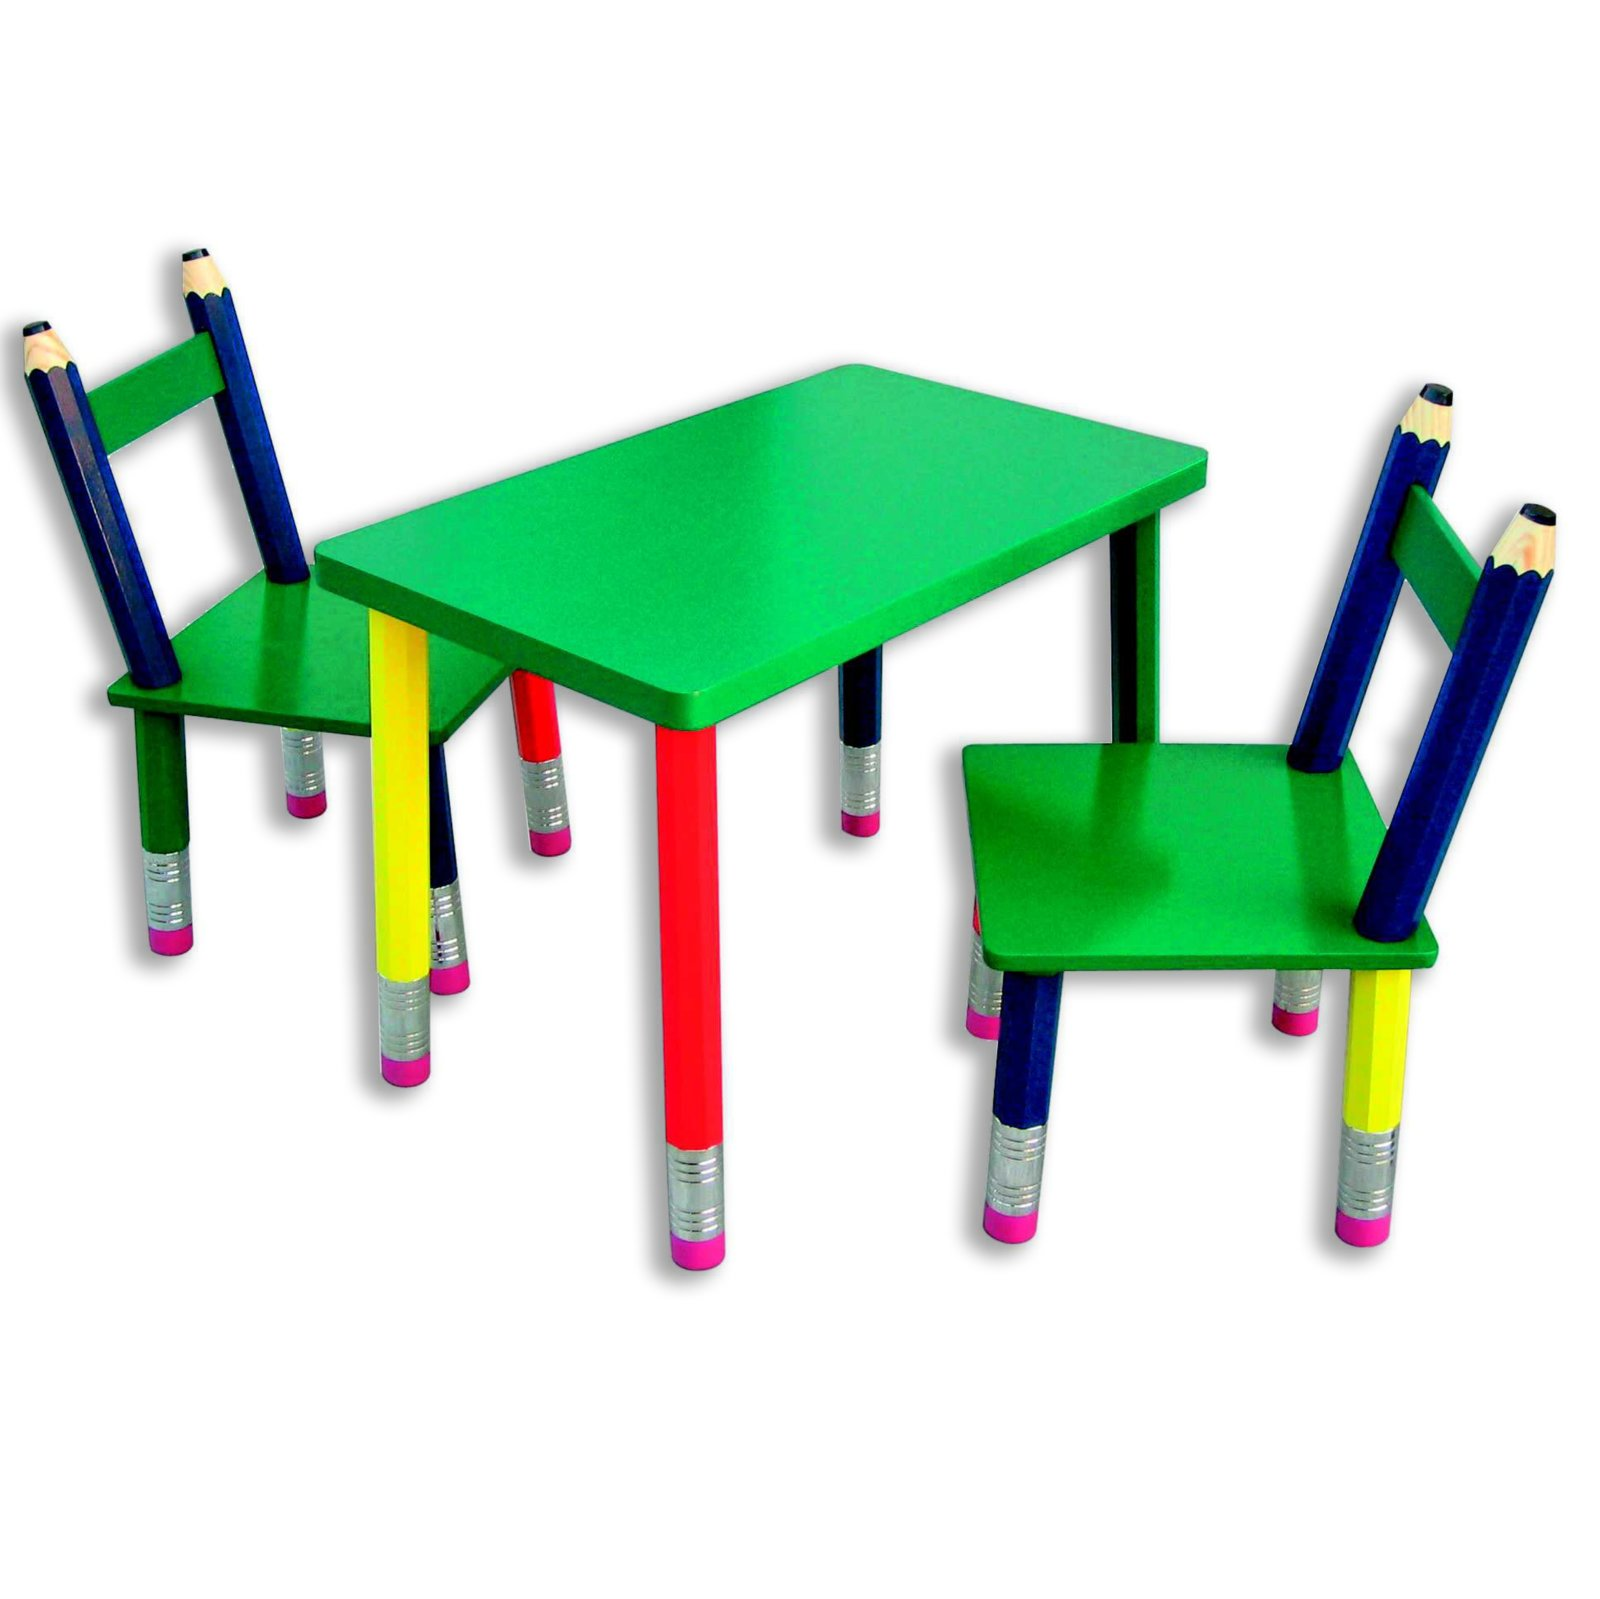 Kinder-Sitzgruppe - 3 tlg. - Buntstift-Optik | Kinderstühle | Kinder ...